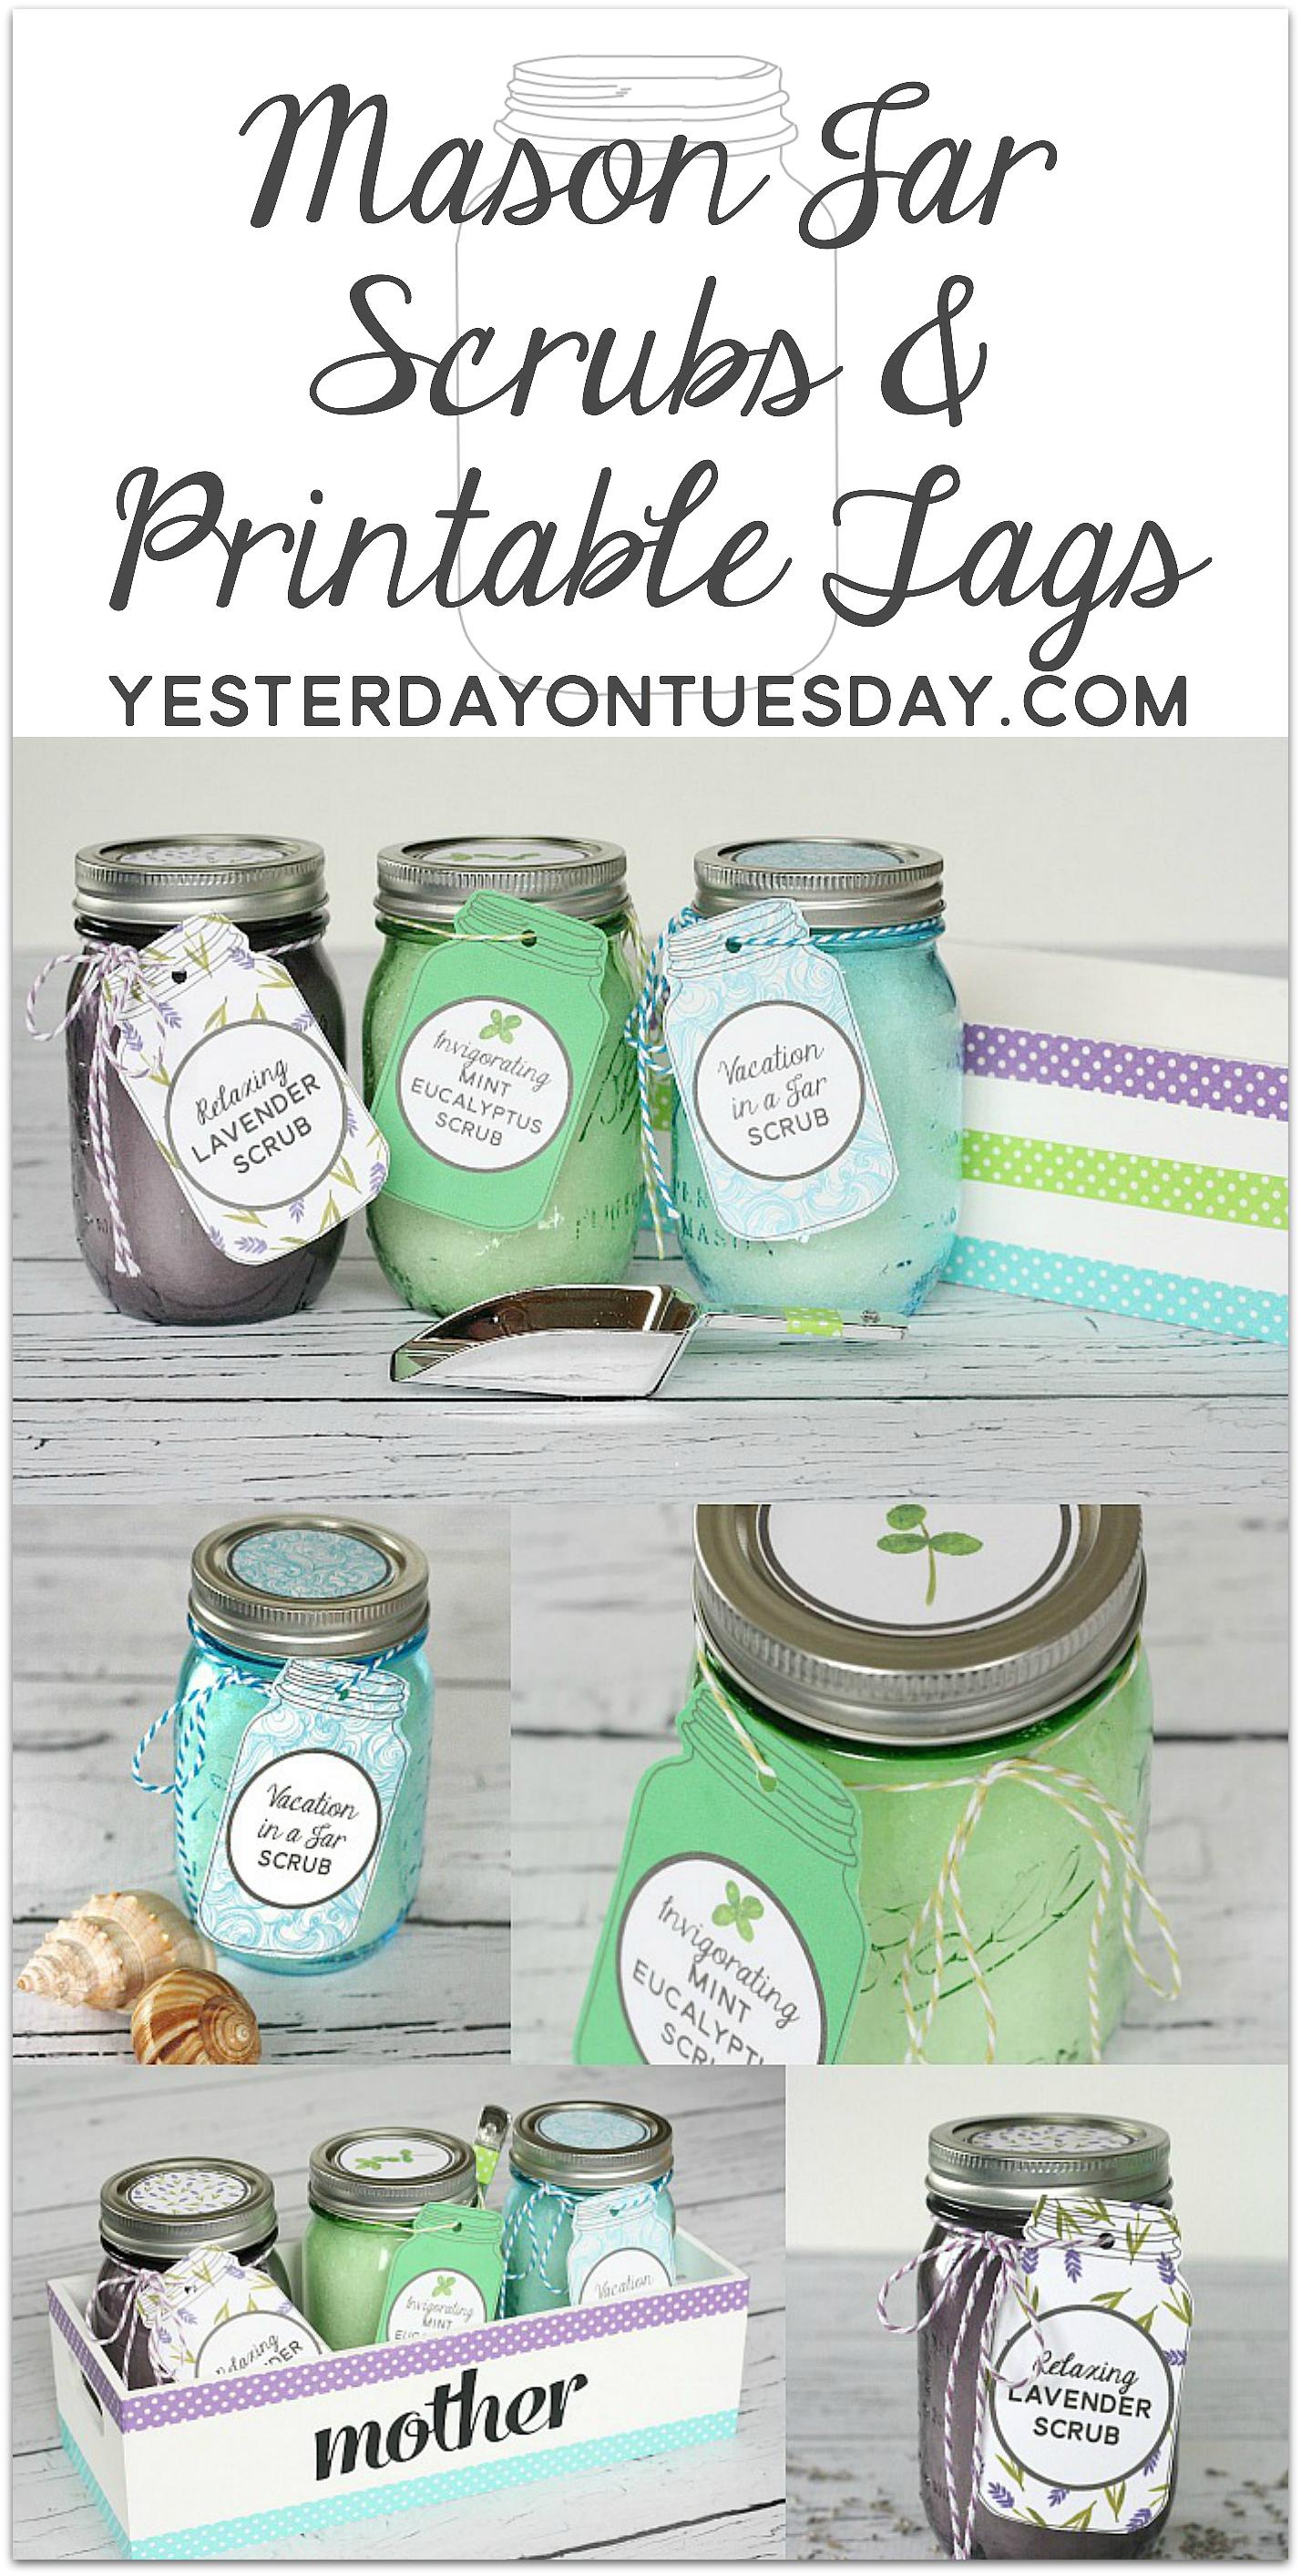 Mason Jar Scrubs and Printable Tags